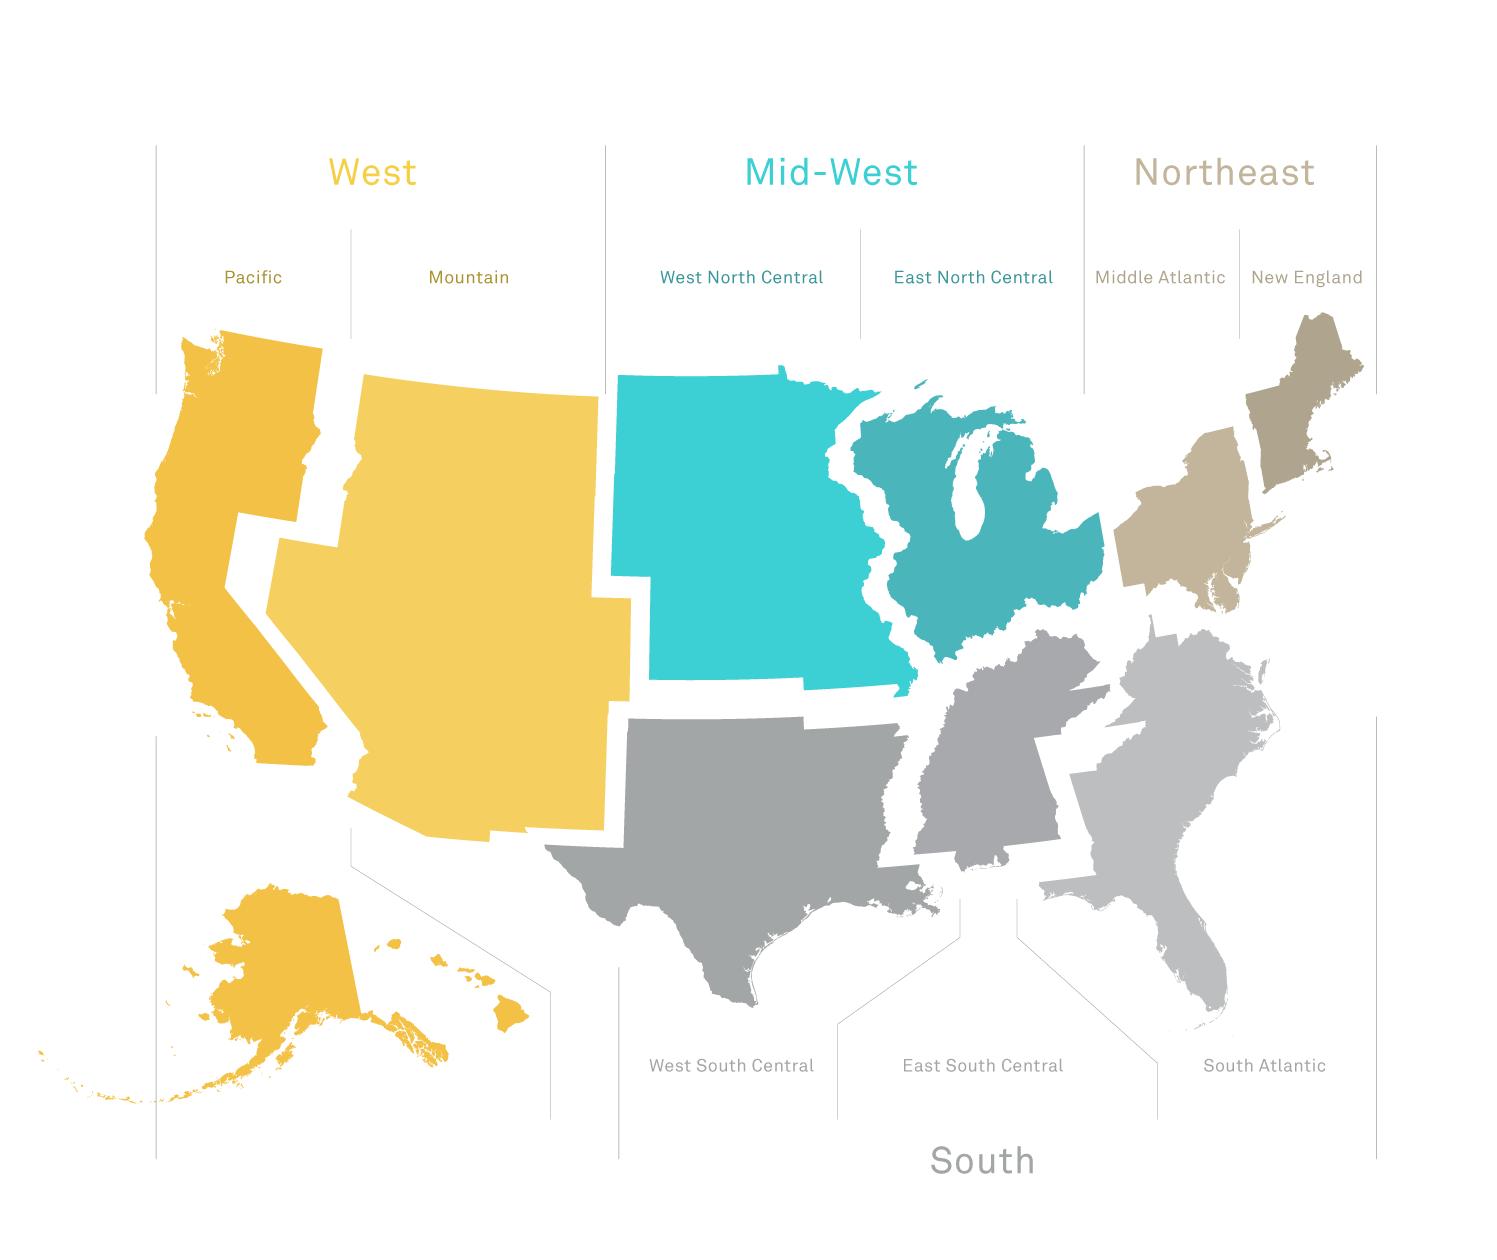 Nine U.S. Census Divisions